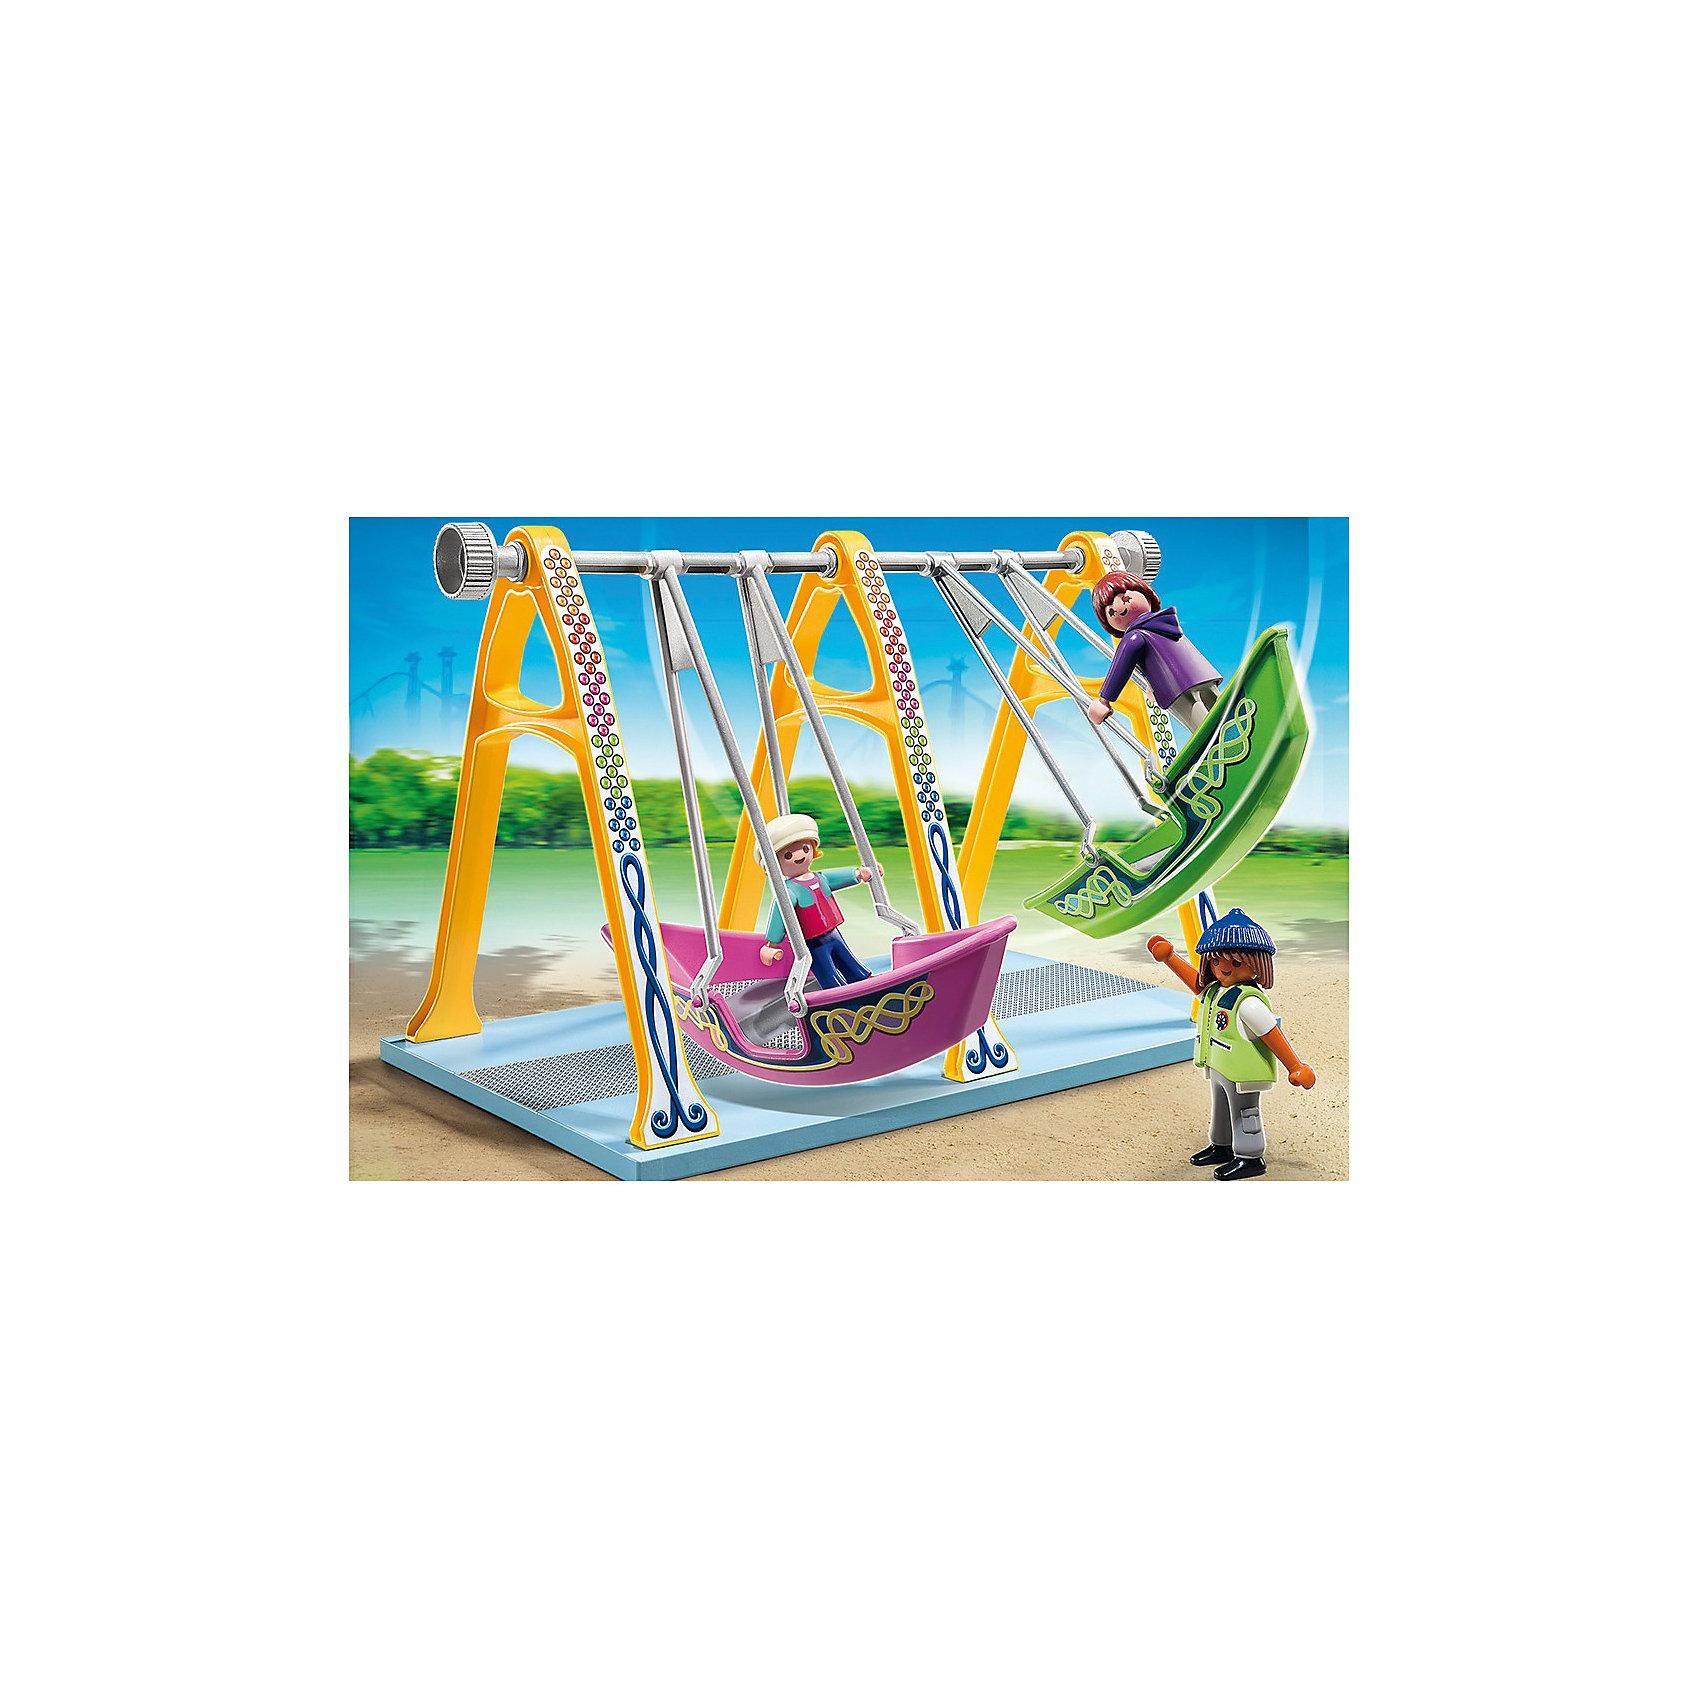 PLAYMOBIL® PLAYMOBIL 5553 Парк Развлечений: Аттракцион Лодка playmobil® playmobil 5546 парк развлечений продавец шаров smileyworld